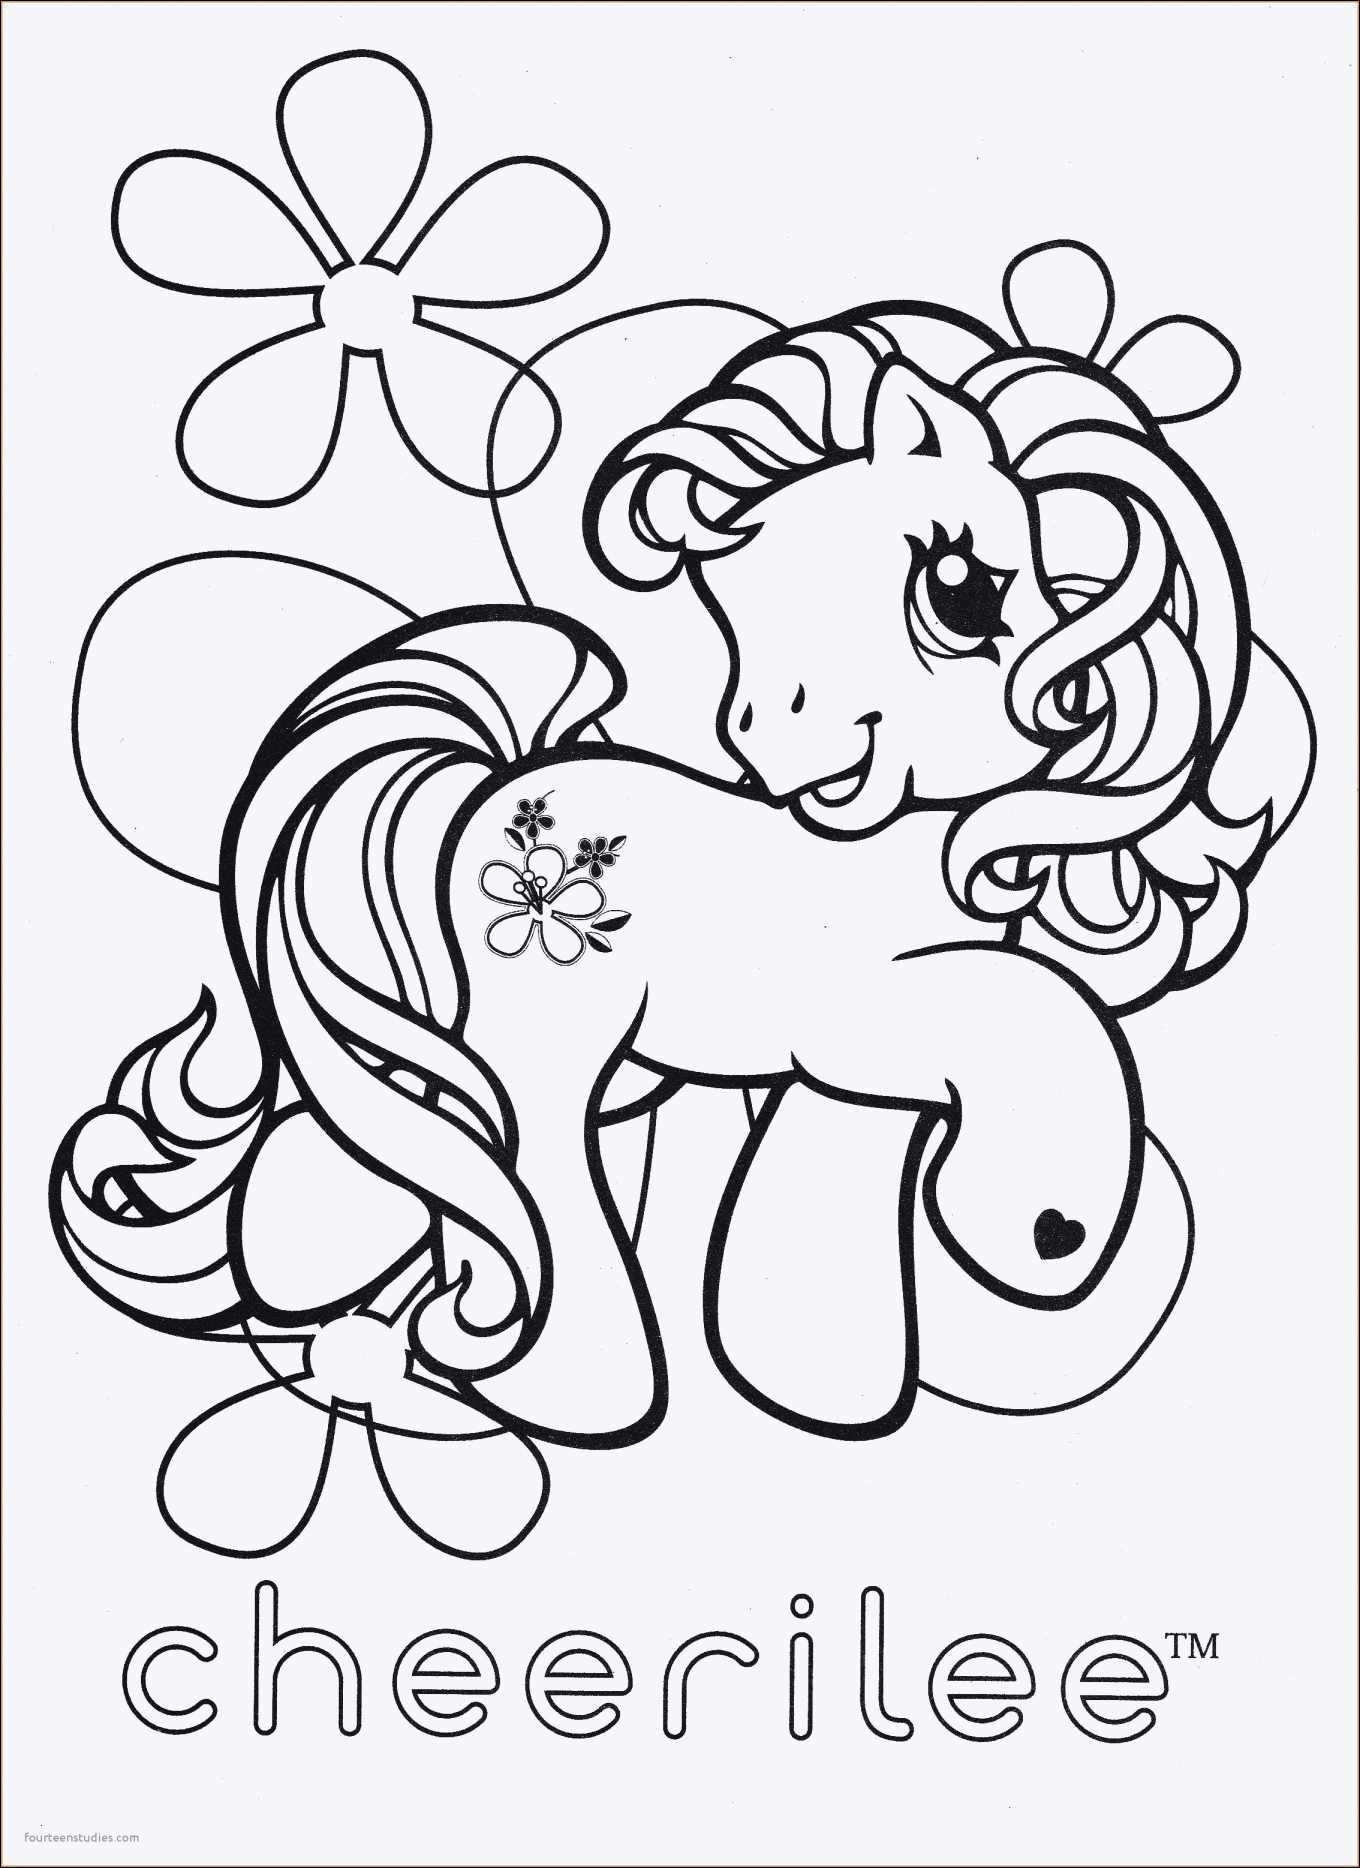 My Little Pony Bilder Zum Ausdrucken Einzigartig My Little Pony Ausmalbilder Kostenlos Zum Drucken Bild 35 My Little Fotos